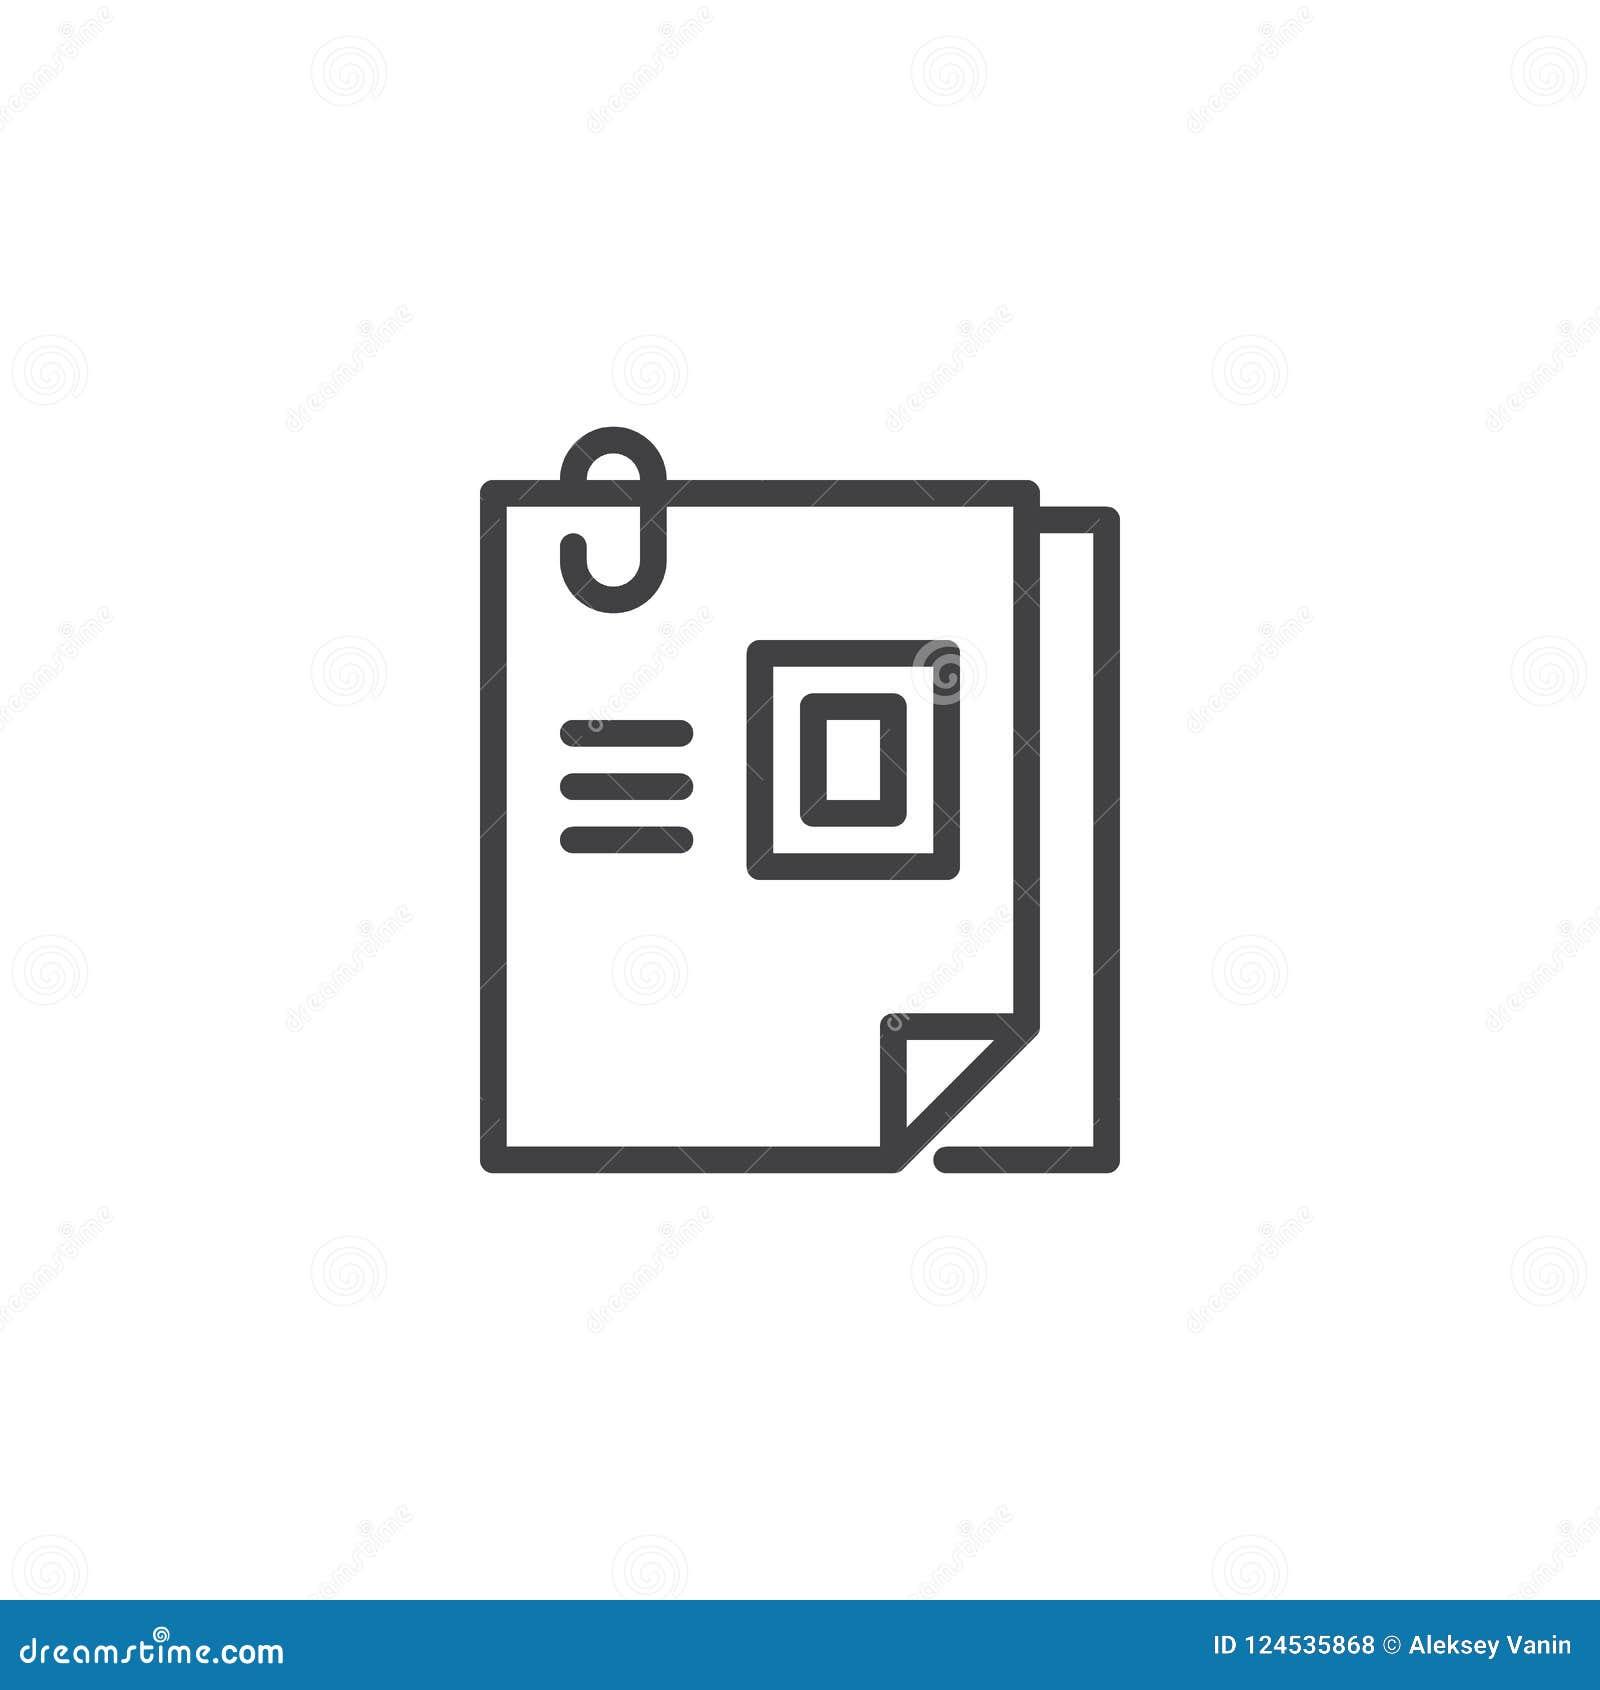 curriculum vitae outline icon